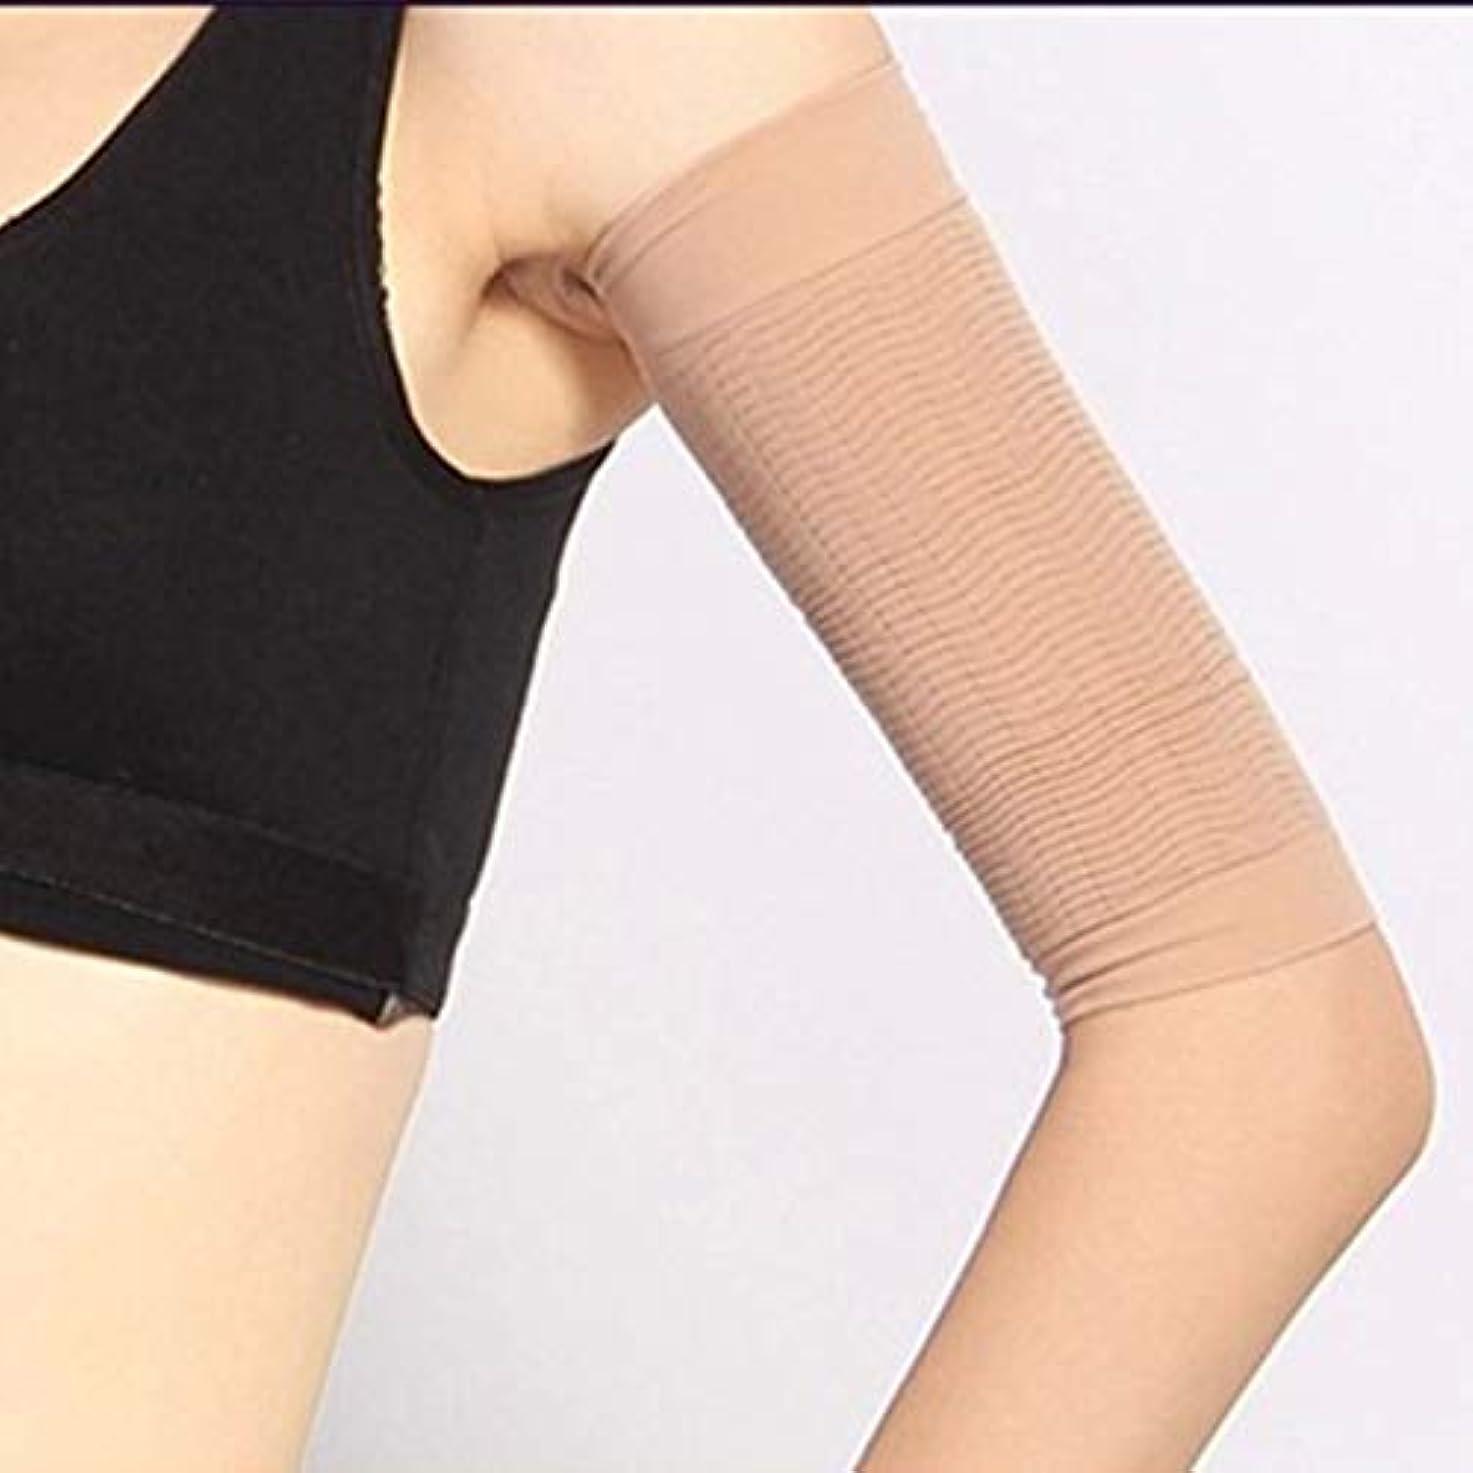 汚染する思われる忠誠1ペア420 D圧縮痩身アームスリーブワークアウトトーニングバーンセルライトシェイパー脂肪燃焼袖用女性 - 肌色